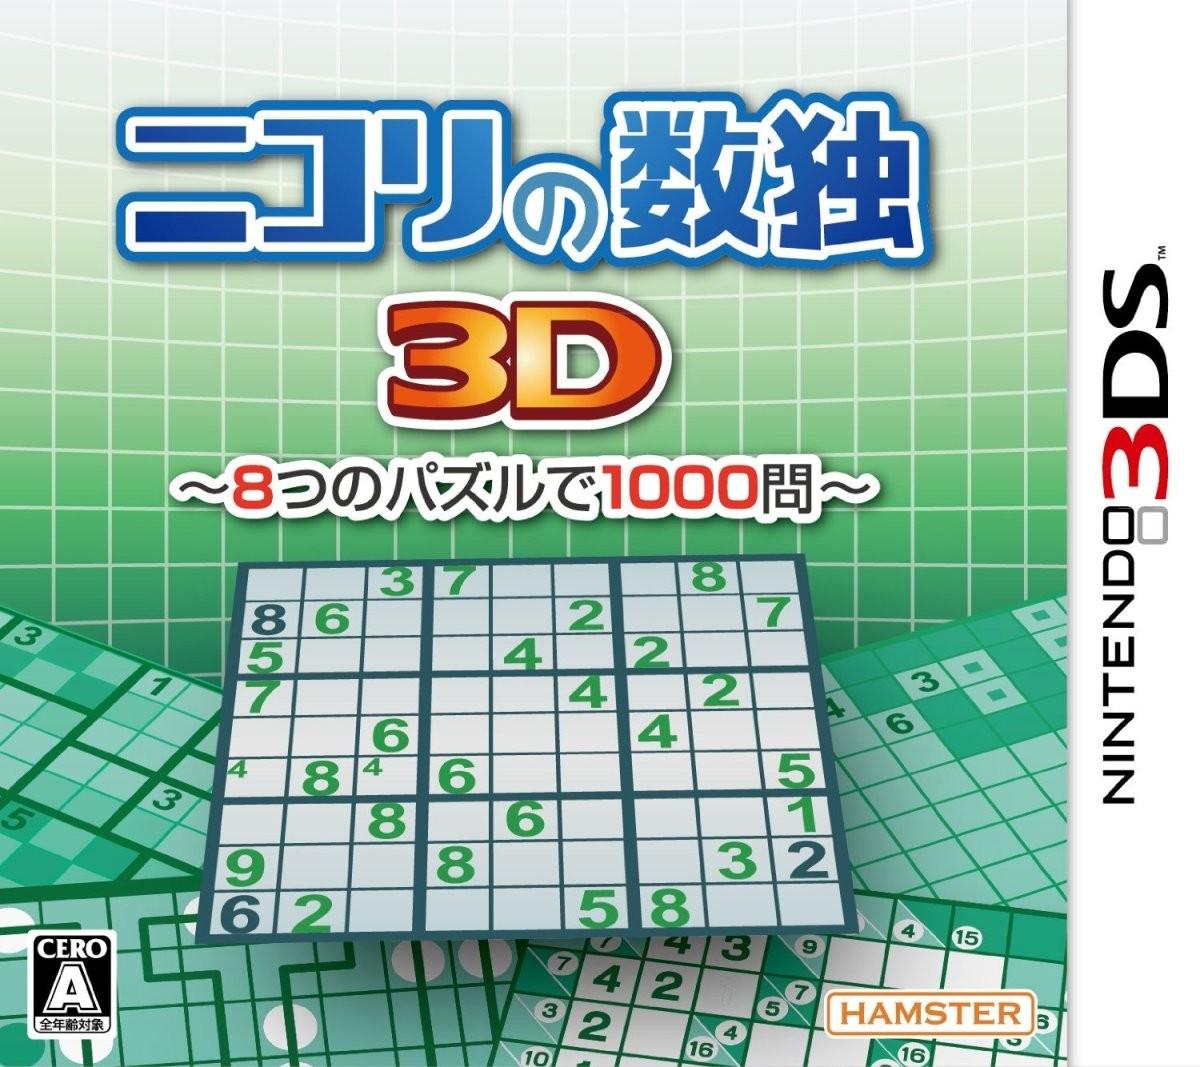 【3DS】ハムスター ニコリの数独3D ~8つのパズルで1000問~の商品画像|ナビ